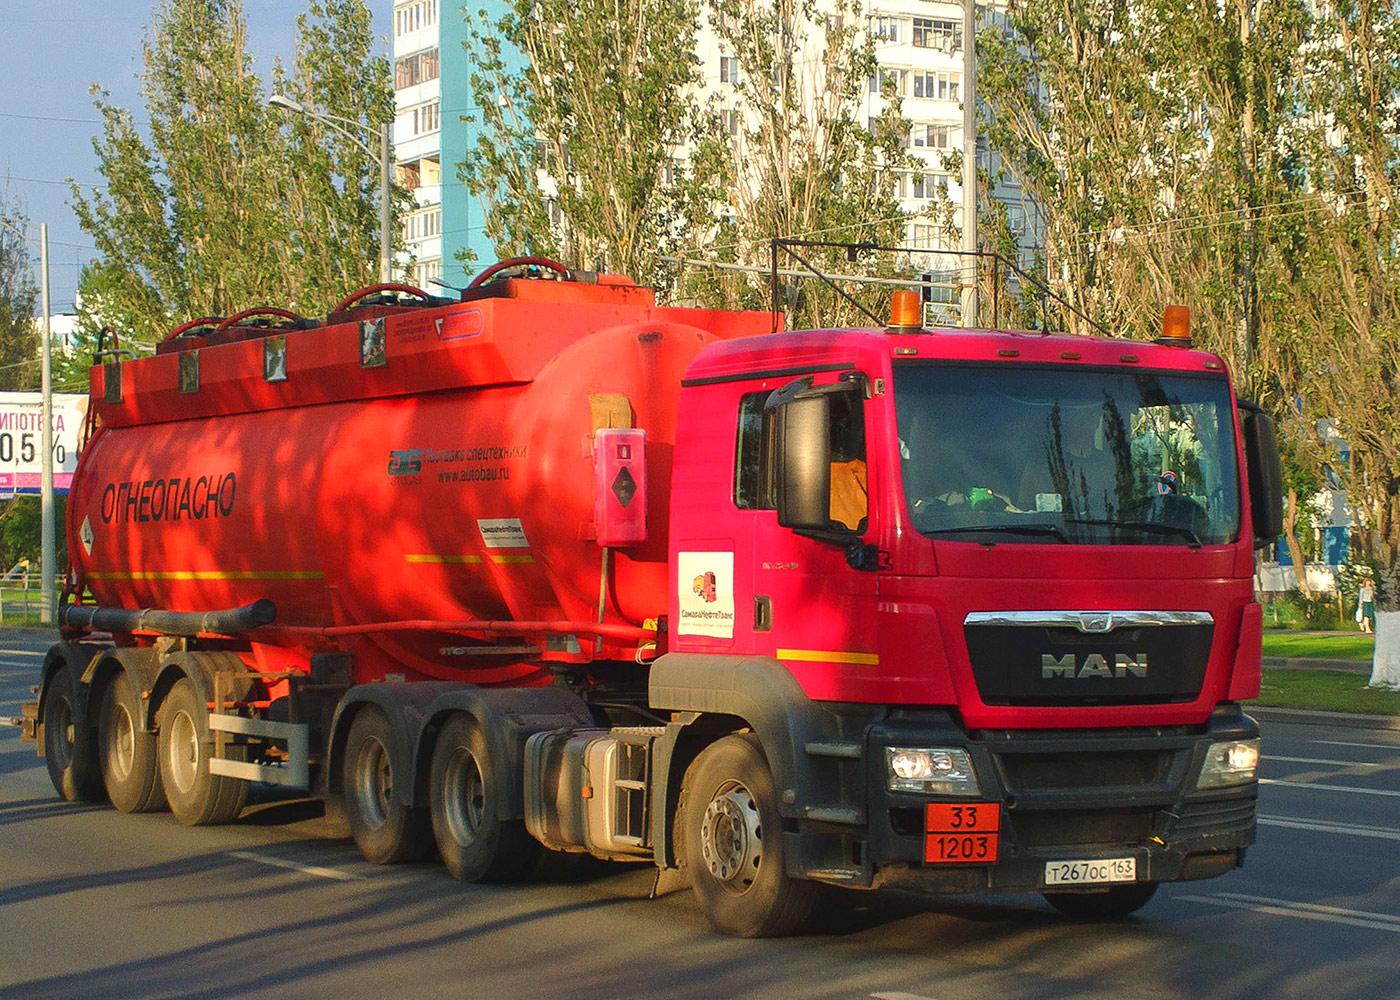 Седельный тягач MAN TGS 26.350 с полуприцепом для перевозки горюче-смазочных материалов #Т267ОС163. г. Самара, Московское шоссе